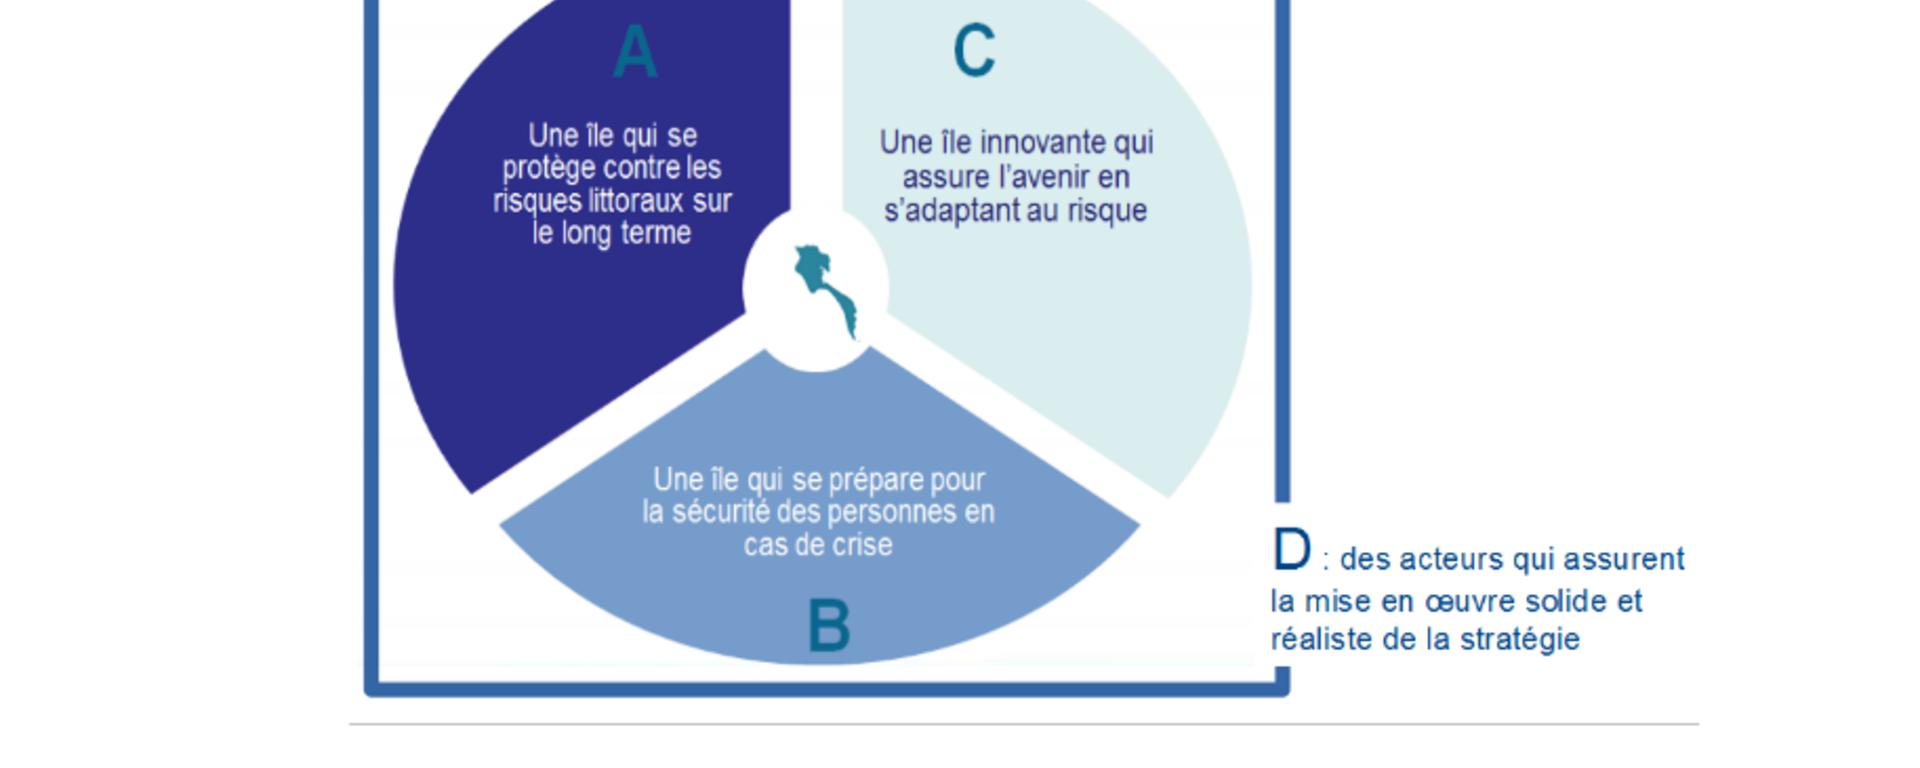 La SLGRI s'organise autour de 3 orientations stratégiques (A, B, C) et une orientation transversale